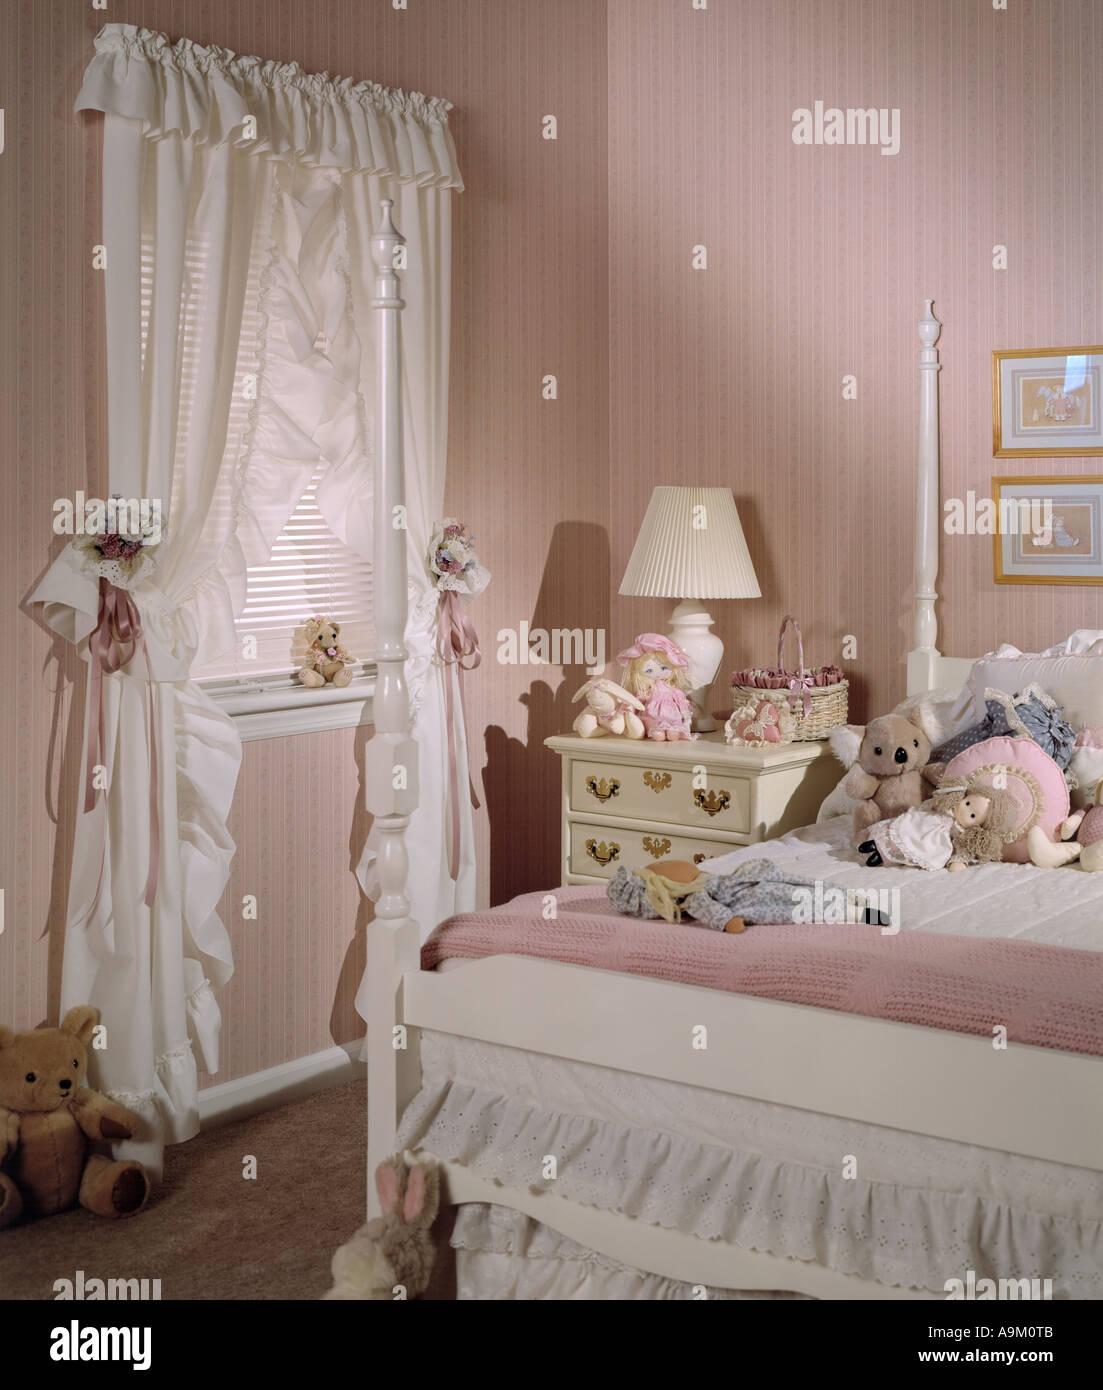 Bett Zimmer Schlafzimmer Set Innen Tapete Vorhänge Teddybären Plüsch  Stofftier Vier Poster Bett Kinder Kinder Mädchen